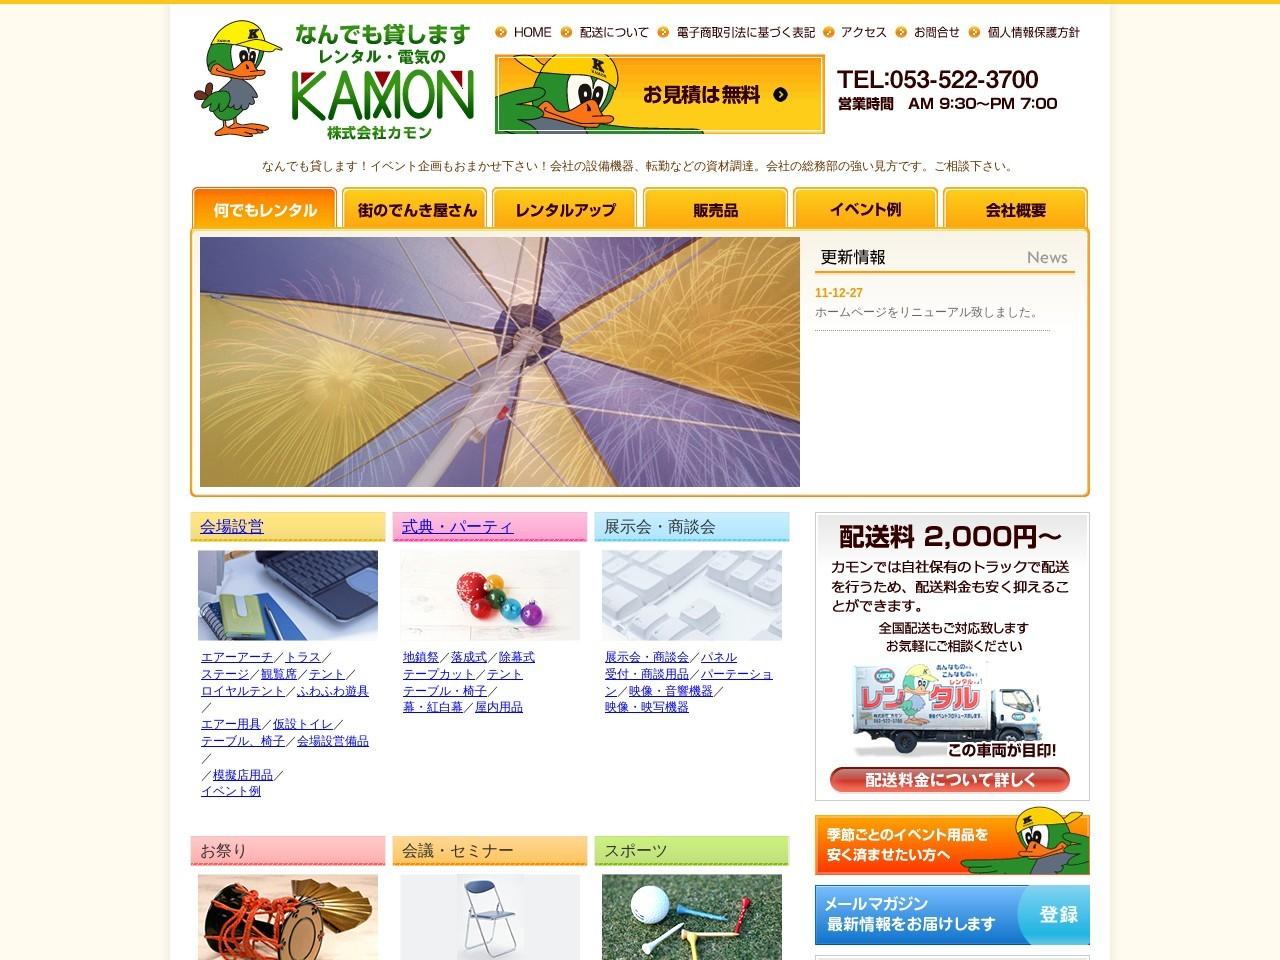 株式会社カモン